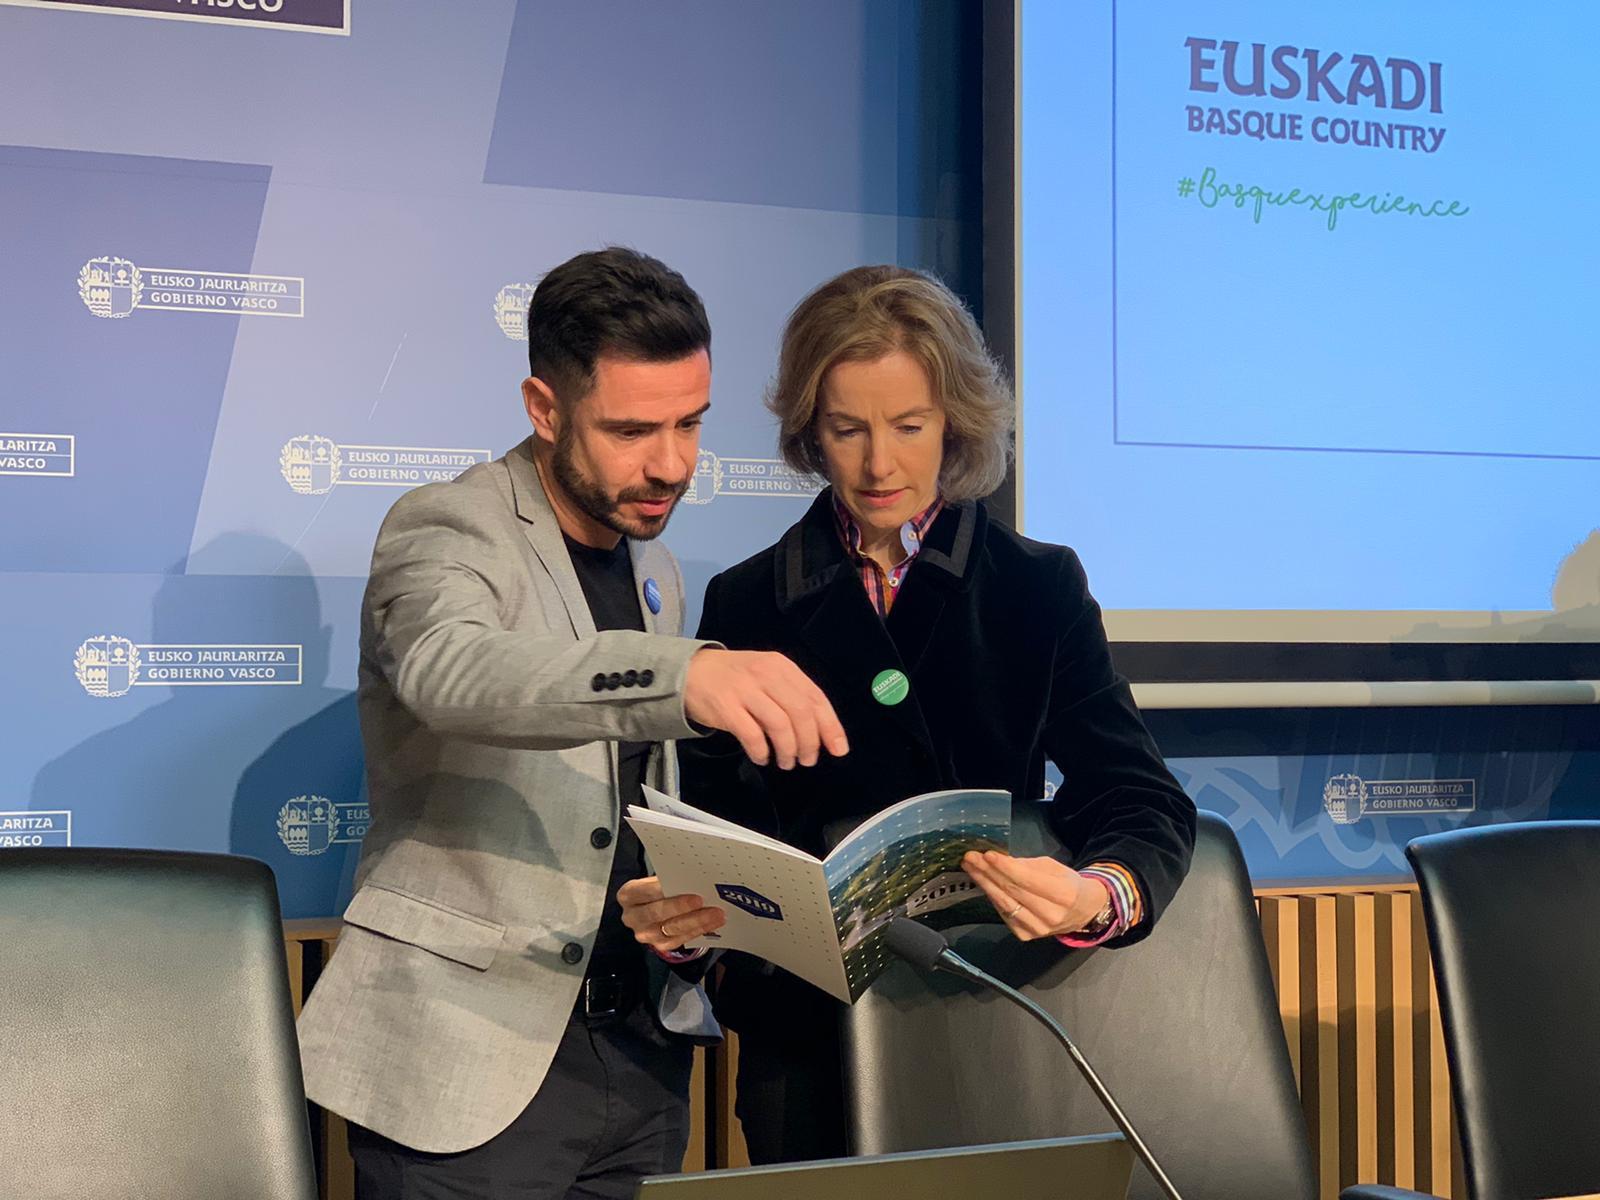 Euskadi FITURen aurkeztuko da iraunkortasuna eragiletzat hartuta eta irudi turistiko berritzaile eta berritu batekin